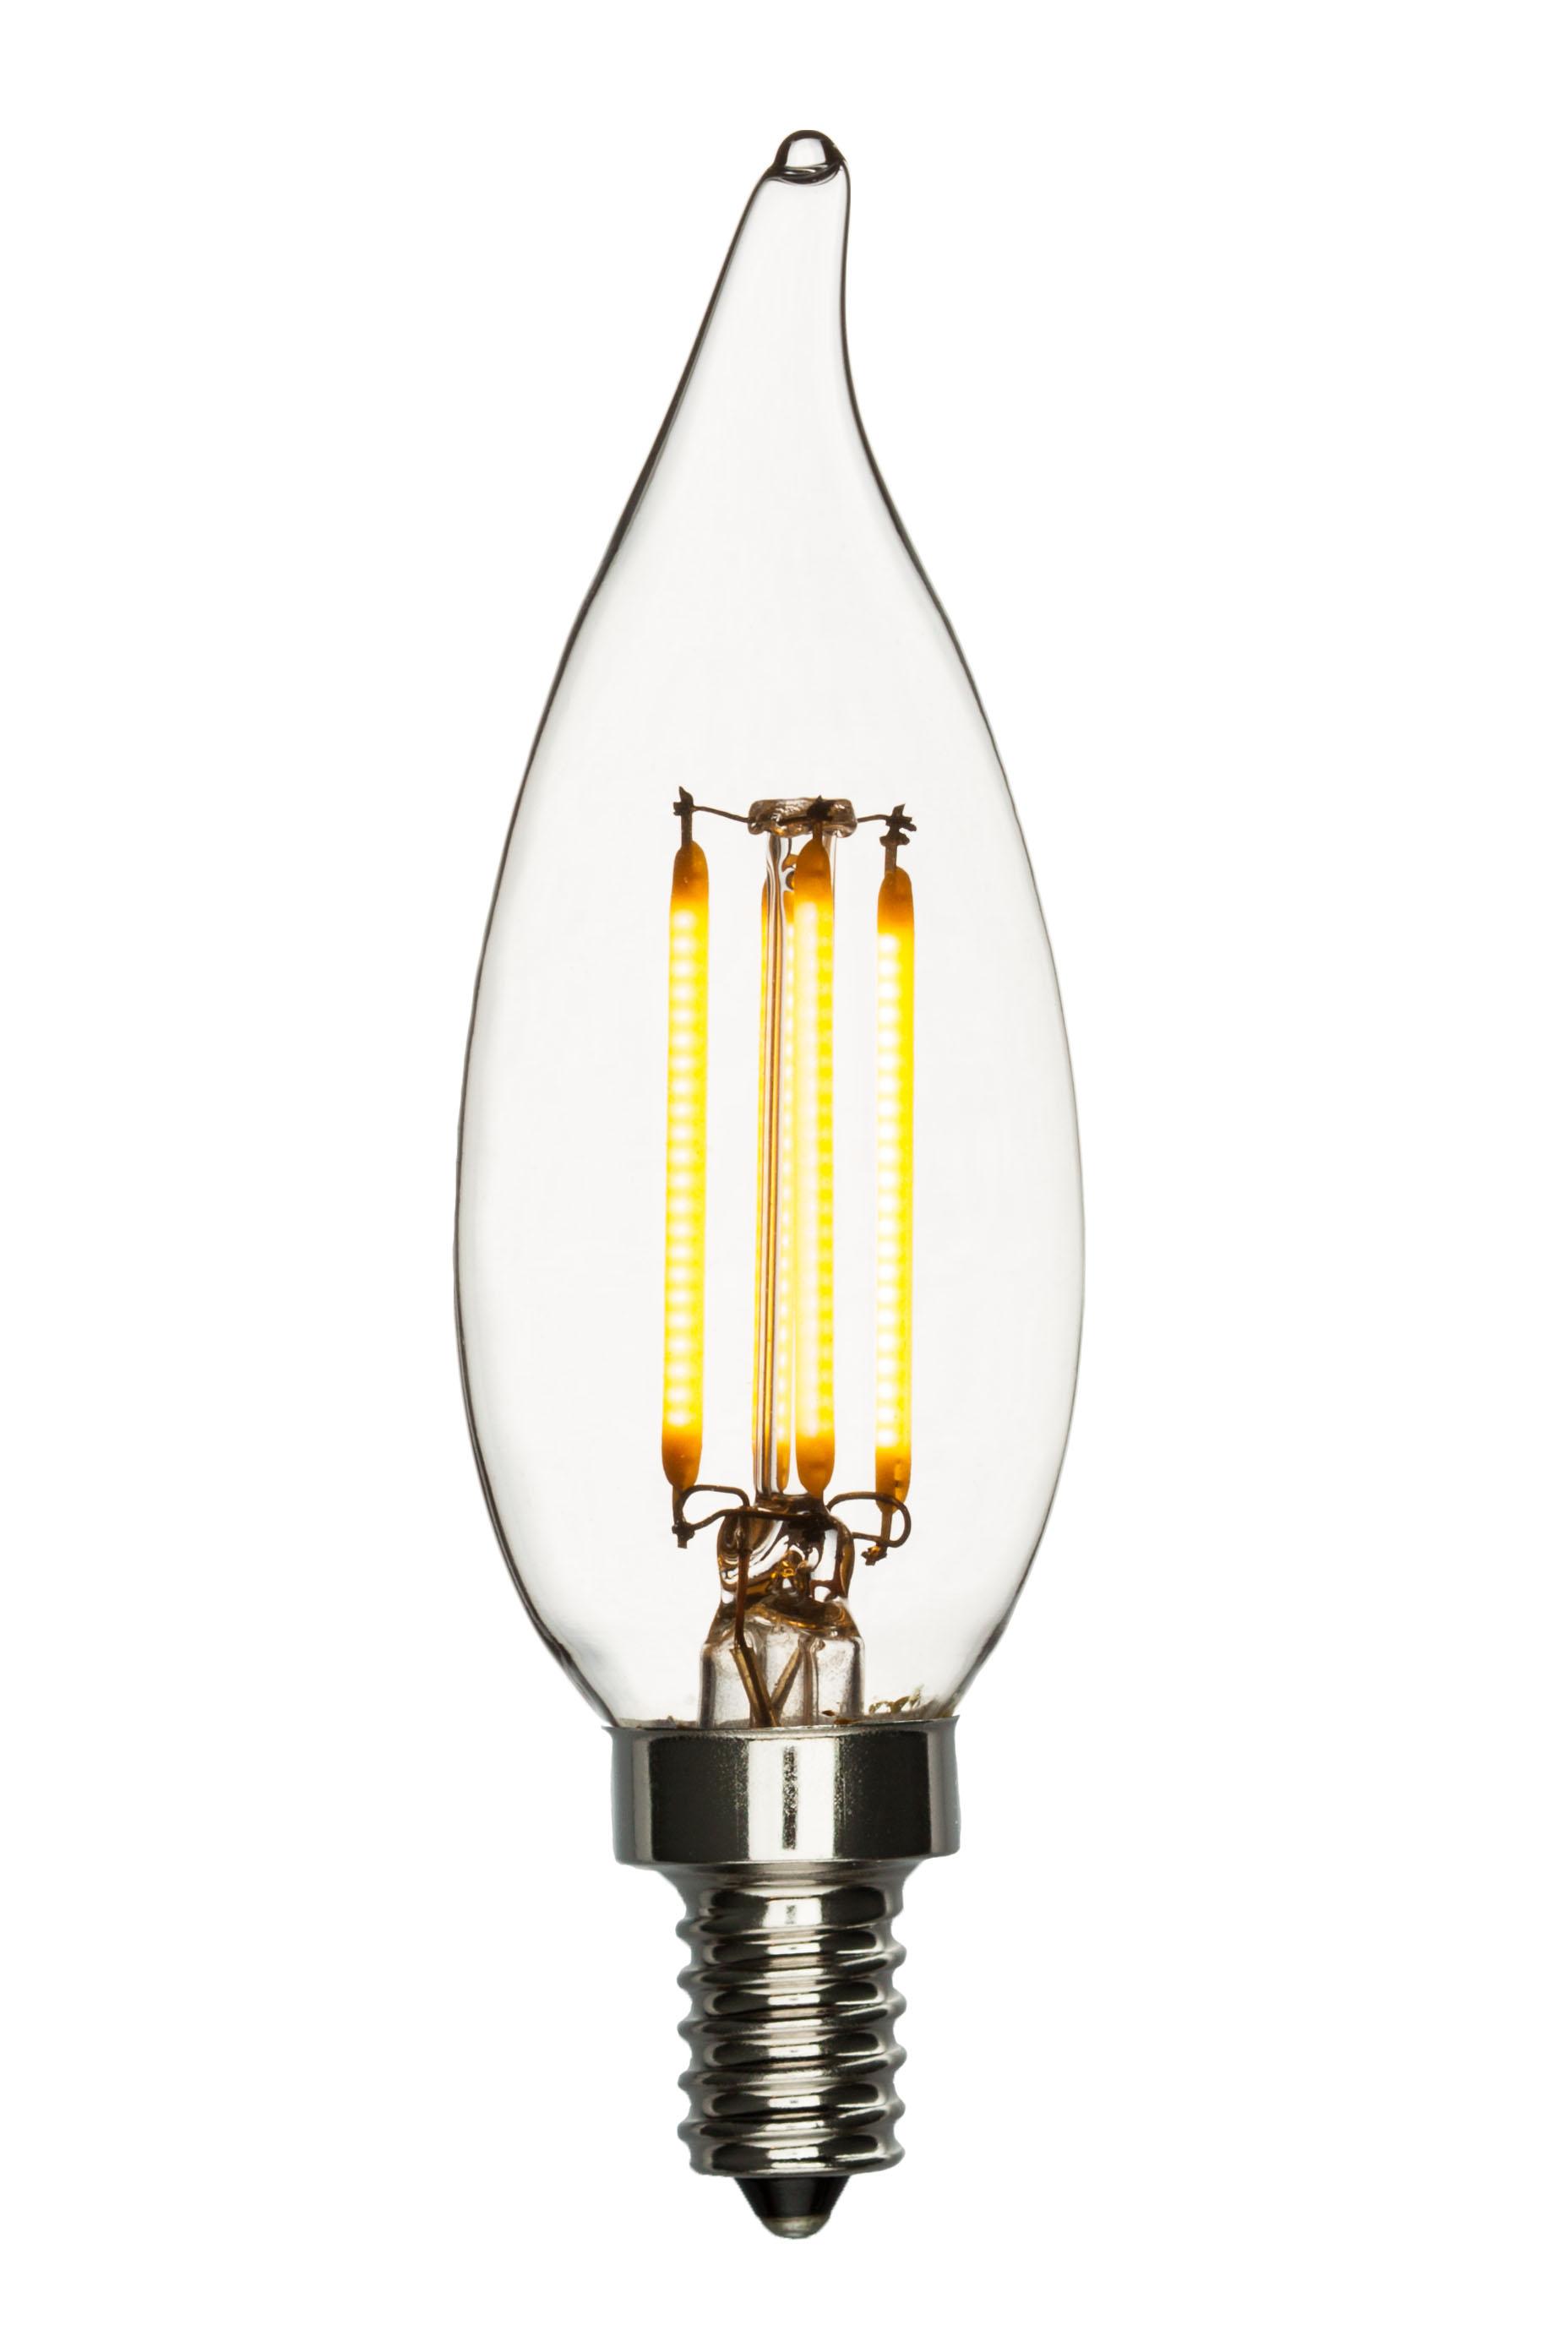 led chandelier bulb bent tip